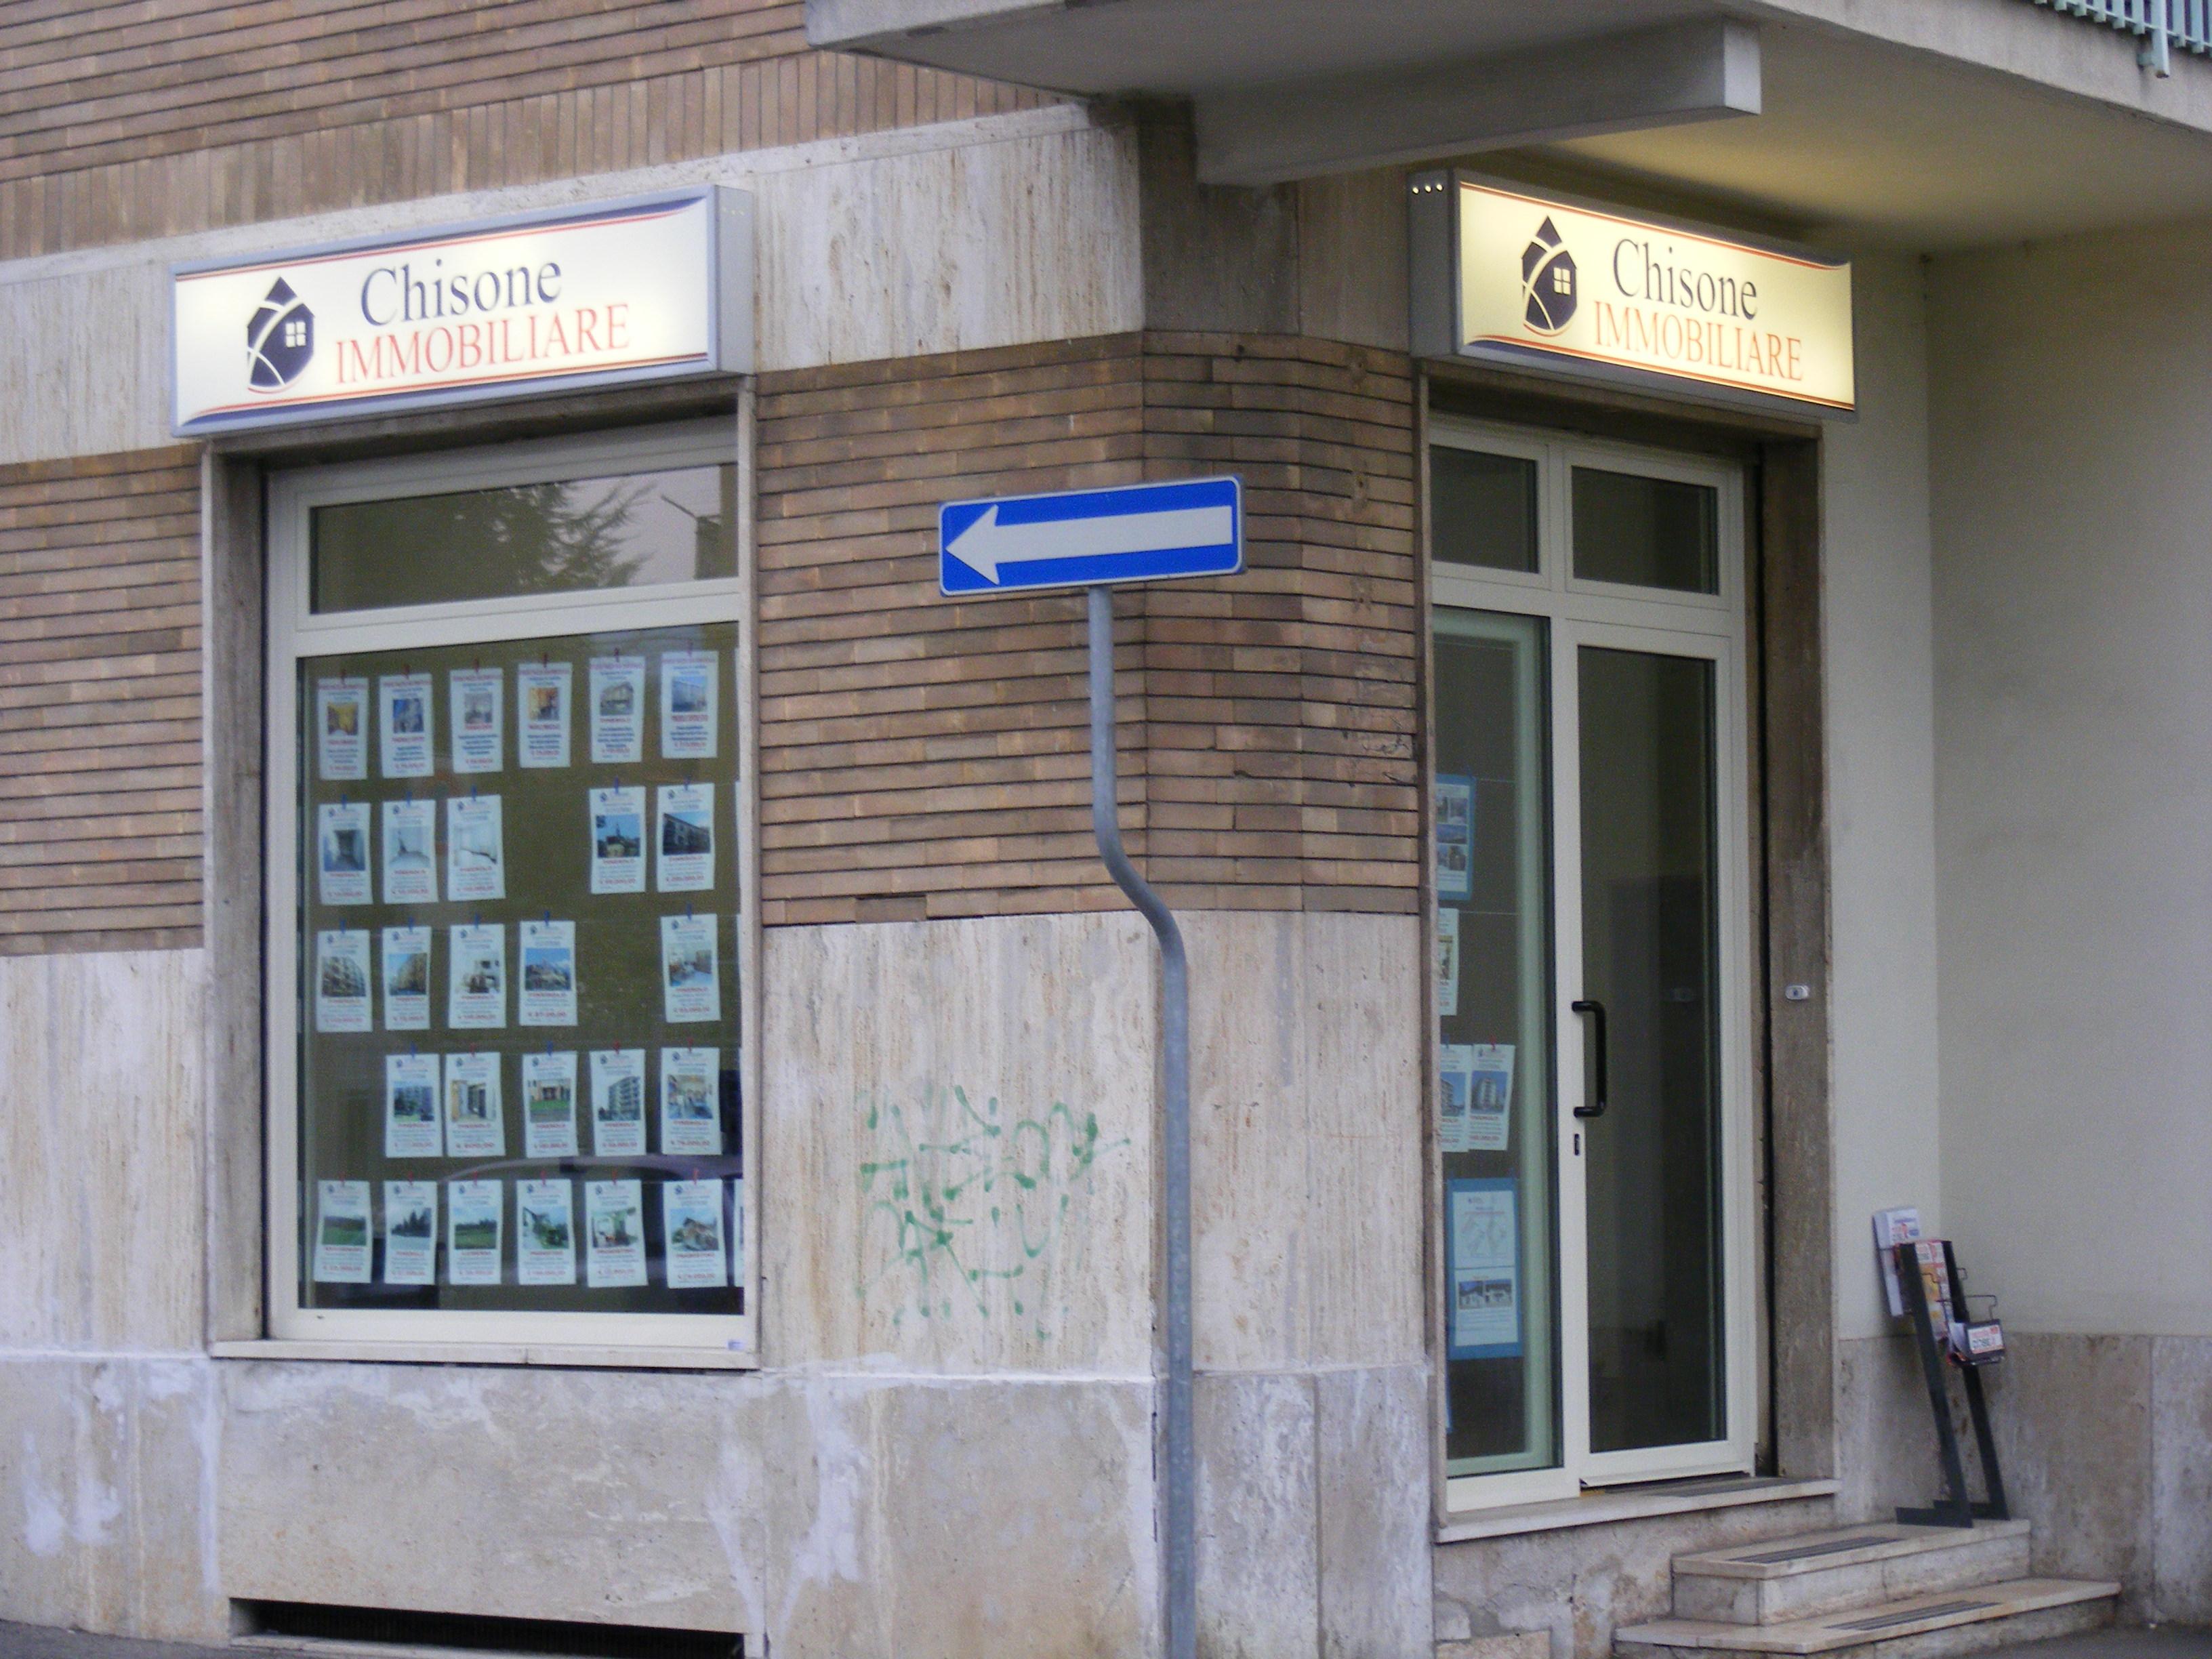 Agenti Immobiliari Trento chisone immobiliare | agenzia immobiliare a pinerolo